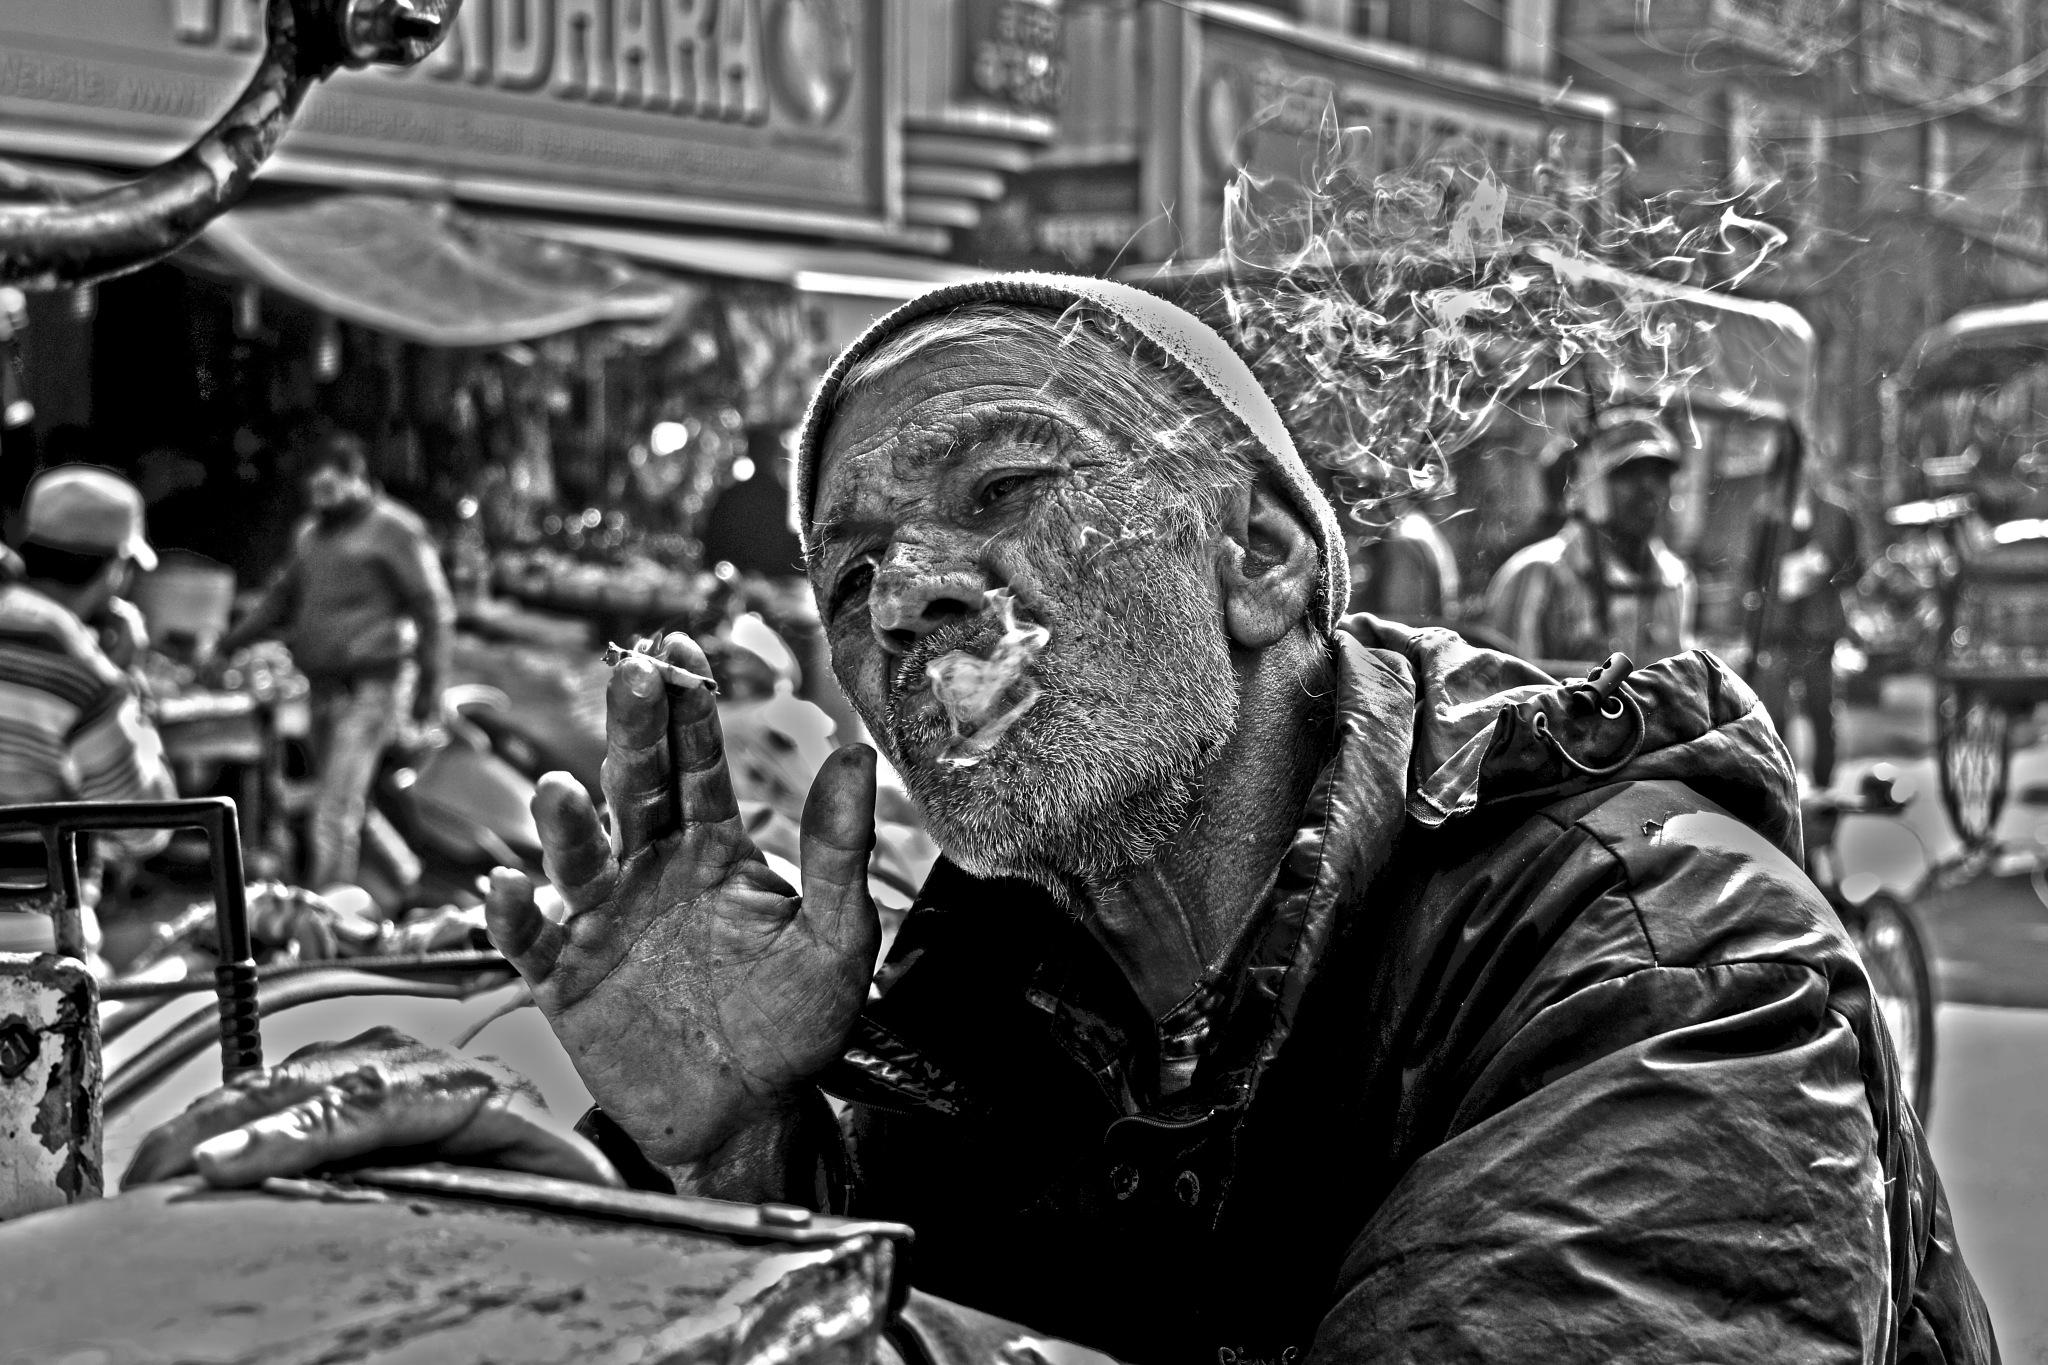 Passionate Smoker by Subhayan Maji